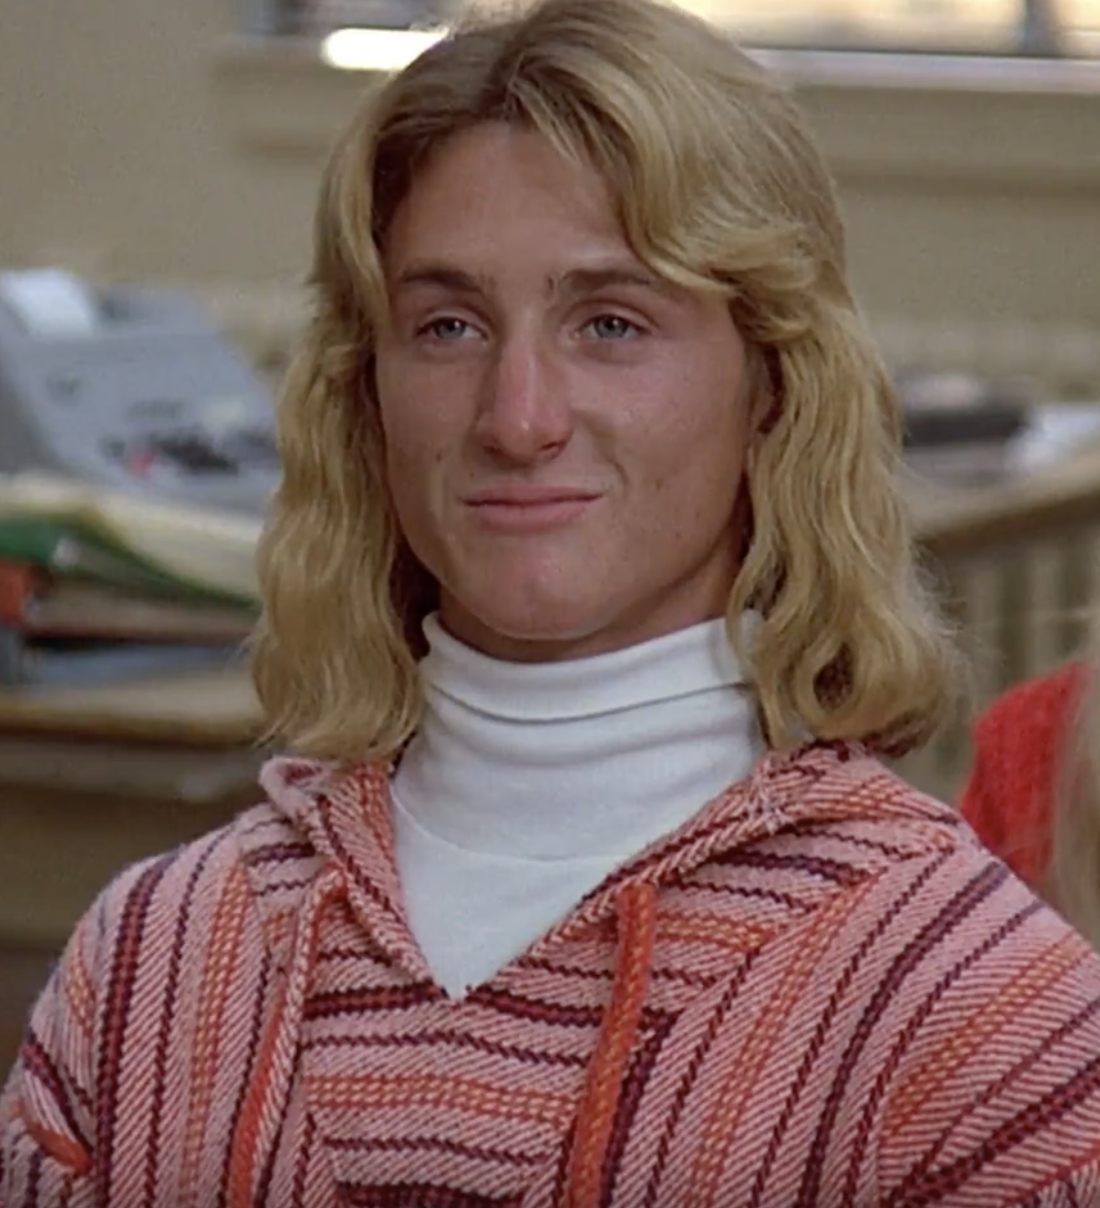 Sean Penn as Spicoli